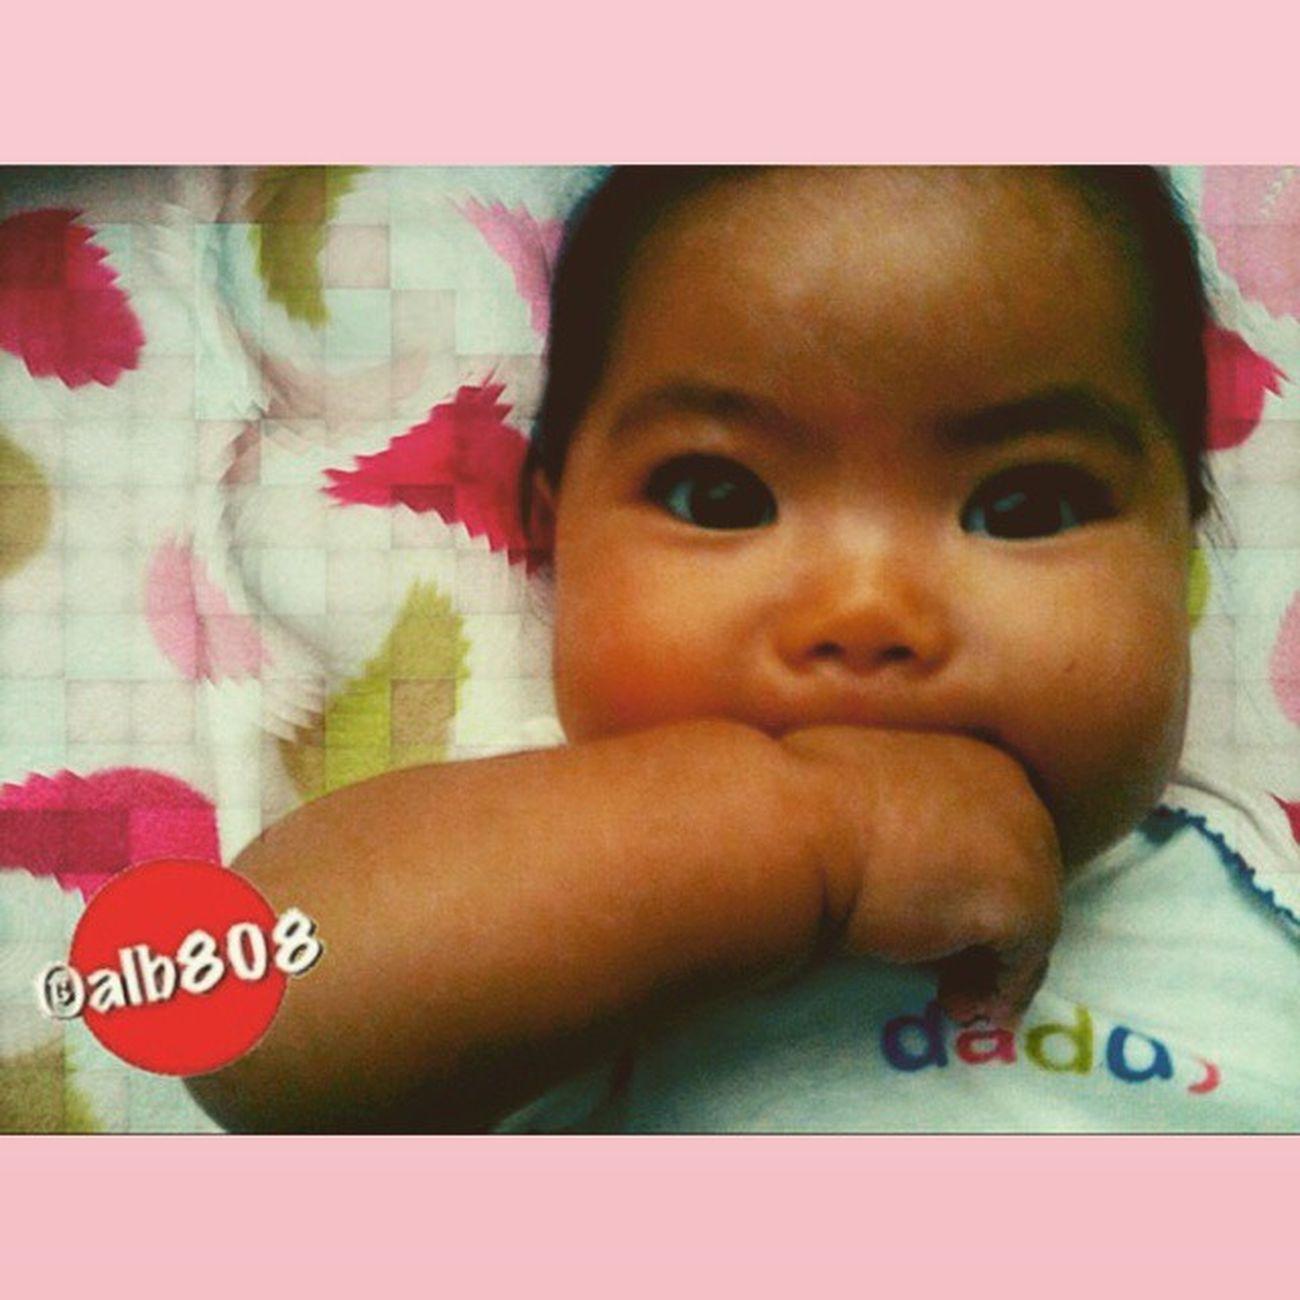 My little princess TBT  Throwbackthursdays Infant Baby Little Cute Cutekidmodels